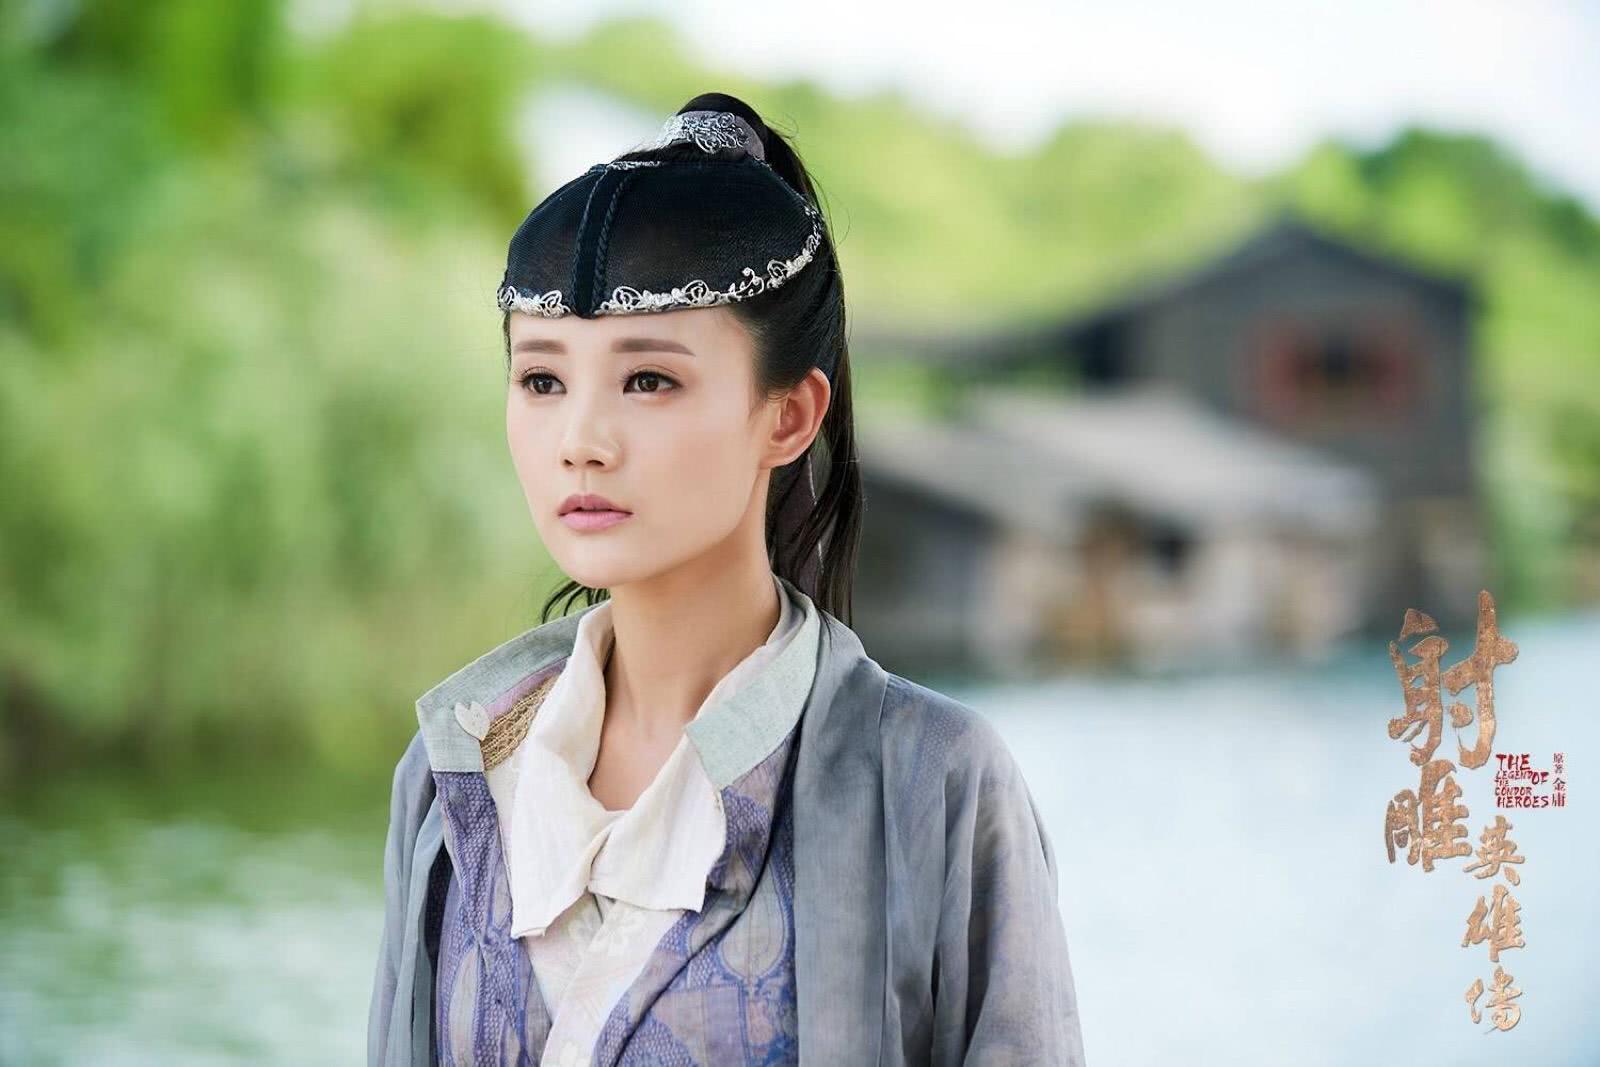 金庸让黄蓉毁掉重剑,是否在暗示杨过 小龙女已死